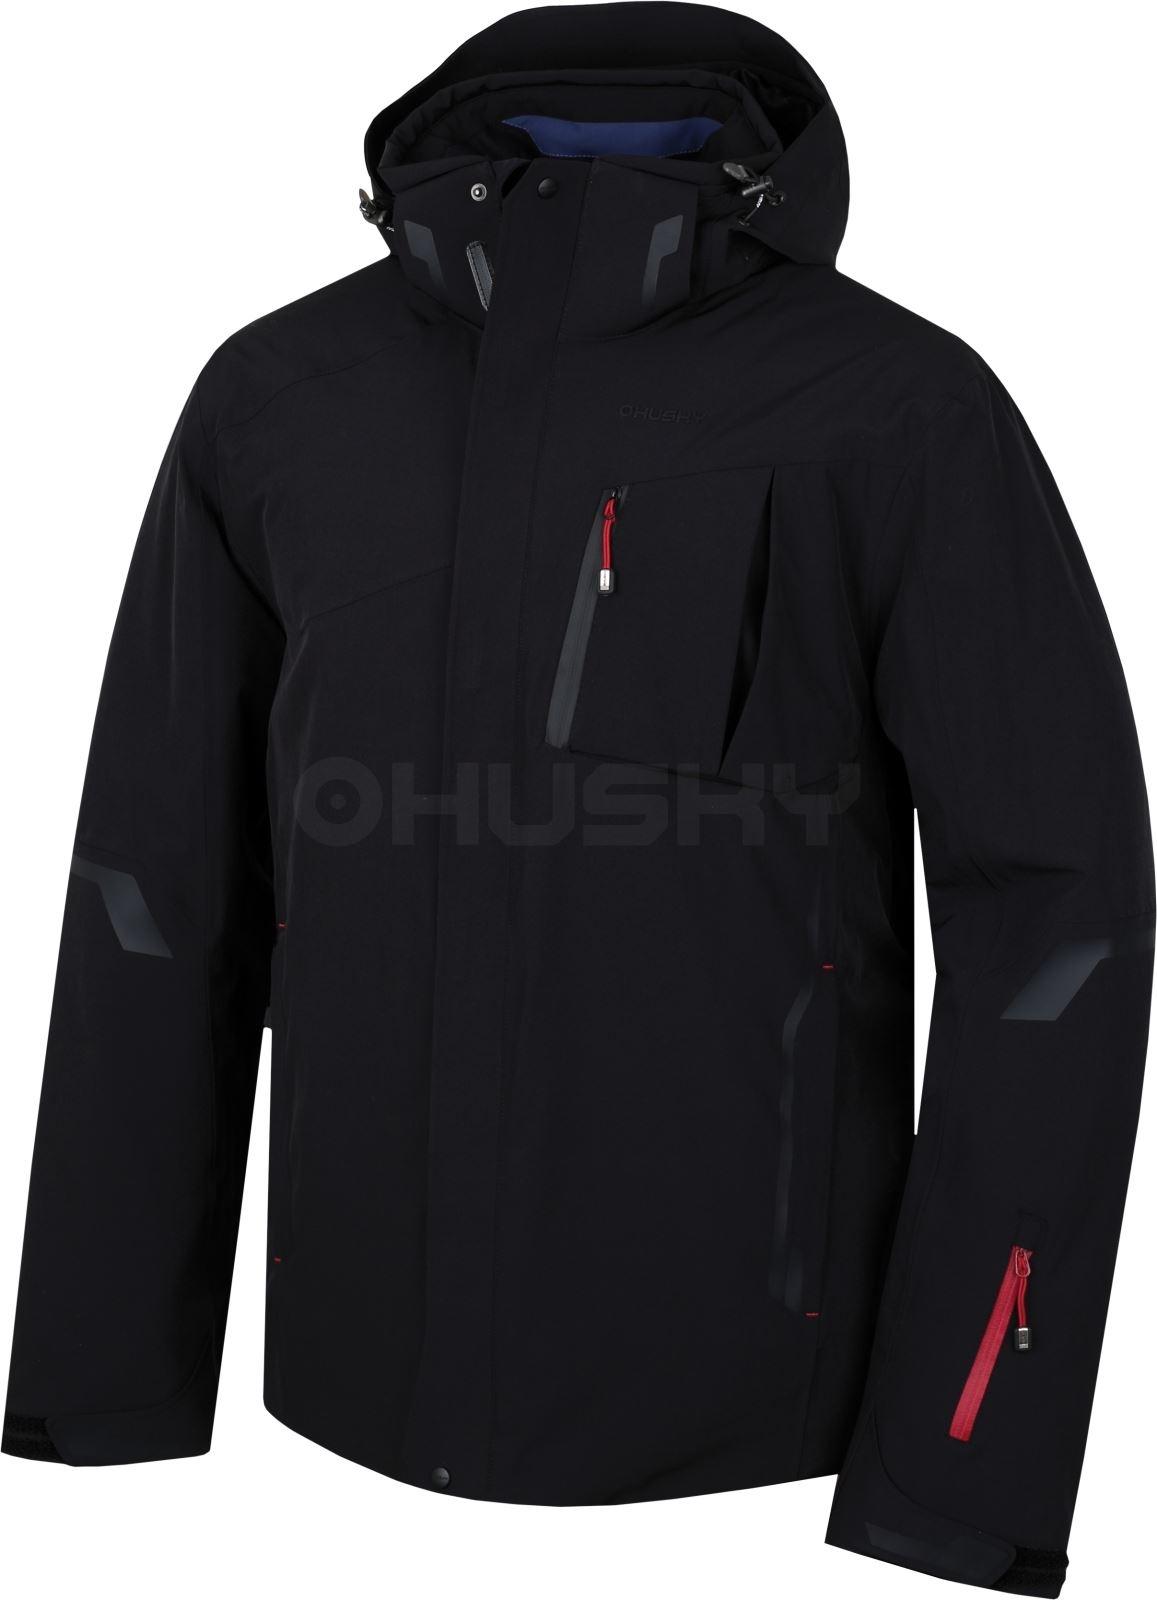 Husky Pánská lyžařská bunda Gerbis M černá Velikost: M